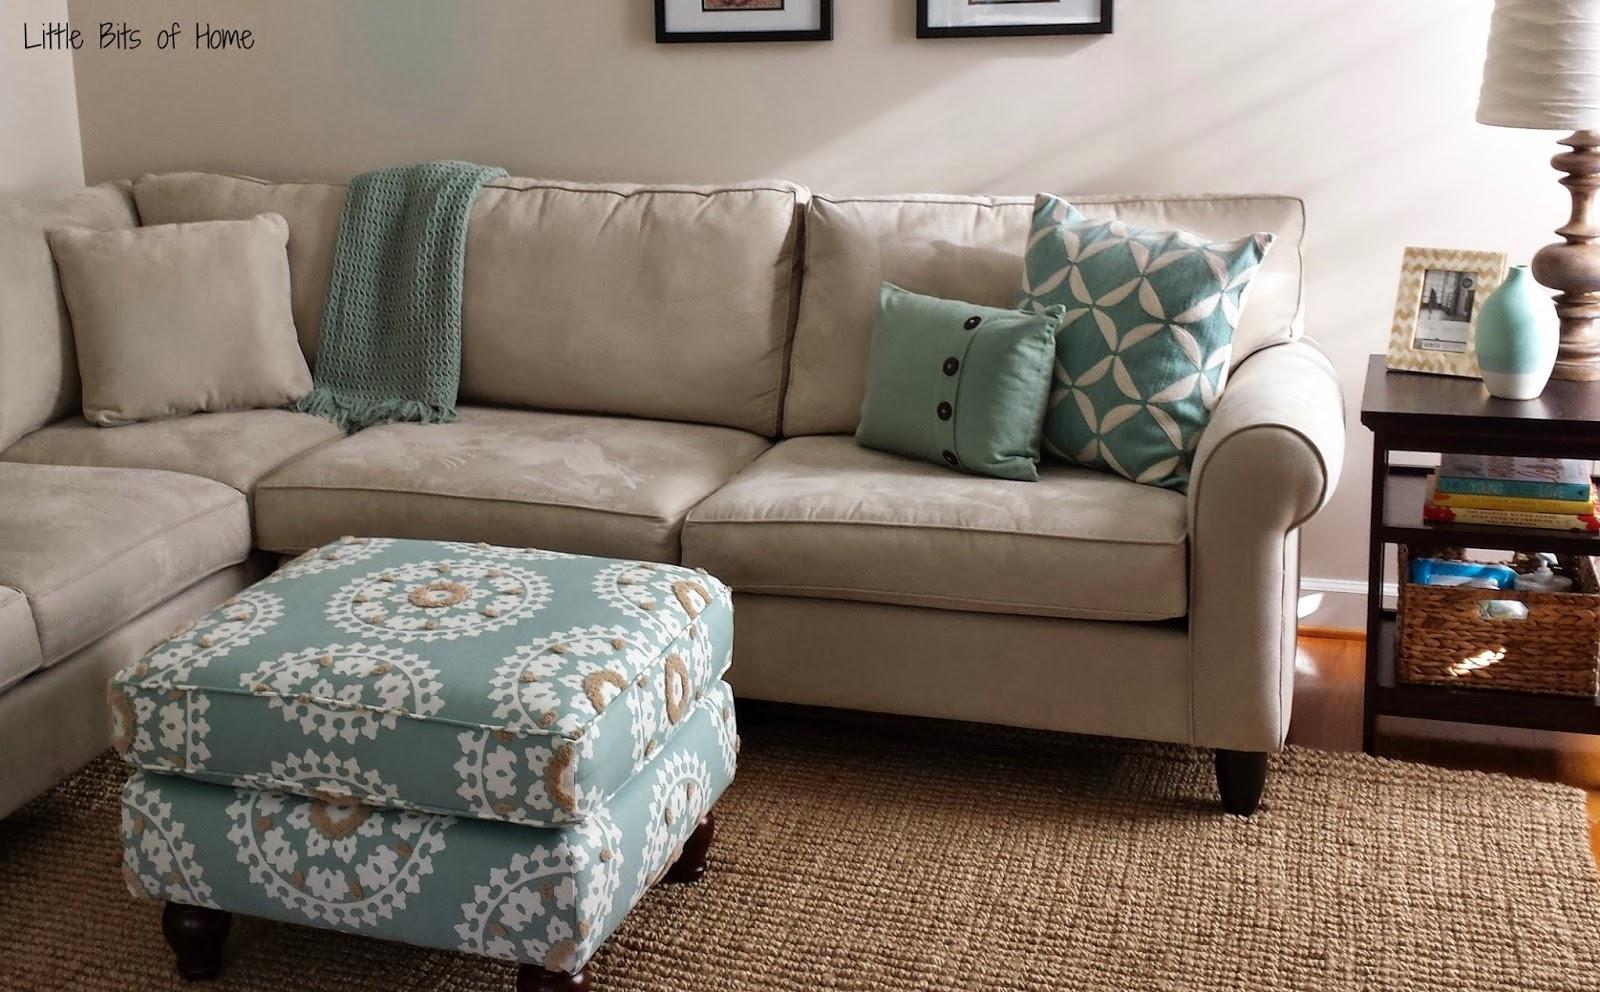 Living Room Makeover The Rug Saga